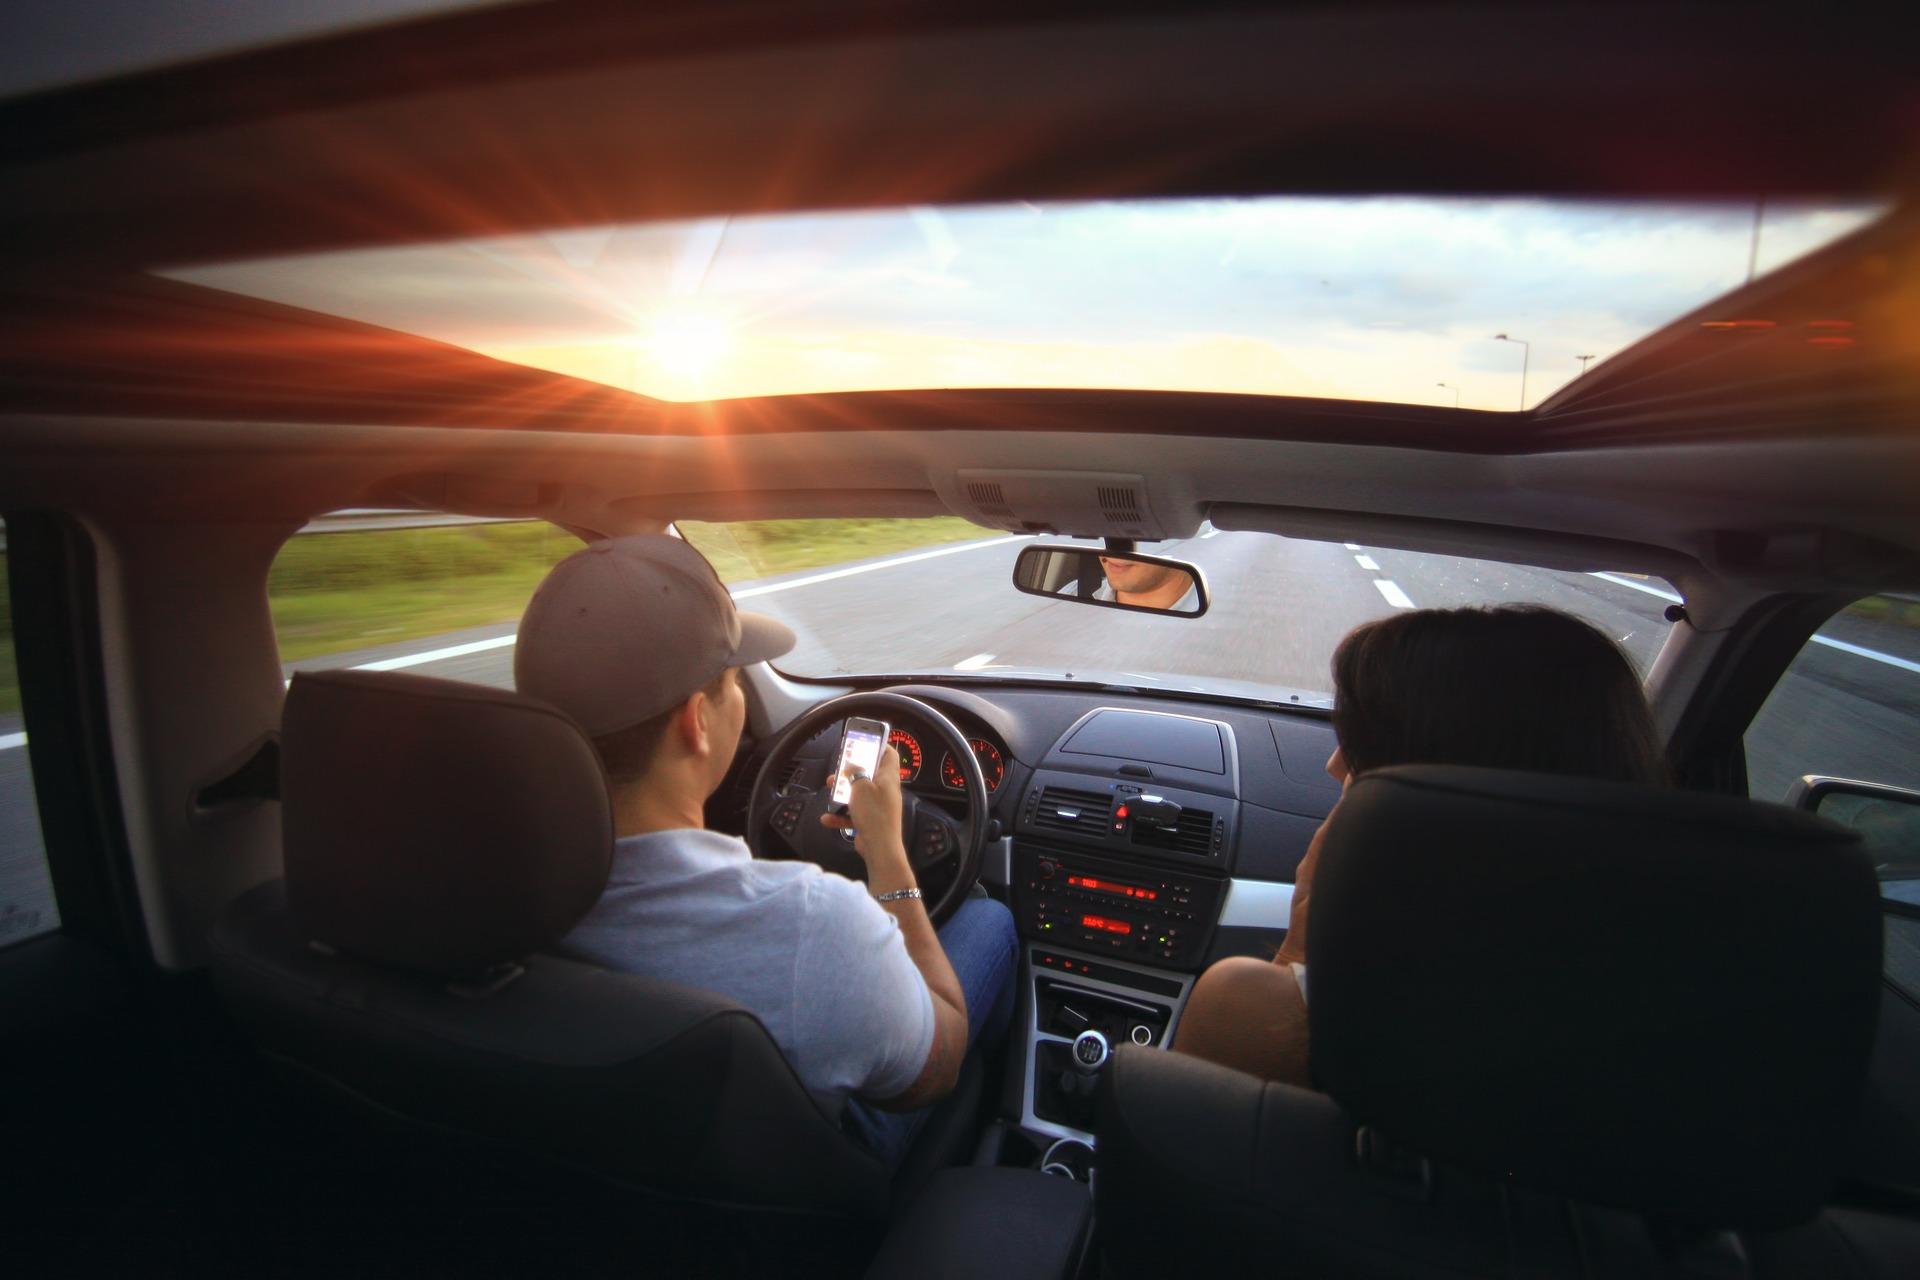 KFZ Versicherung wechseln und gemeinsam Bares sparen - bis zu 850,00€ für den Urlaub